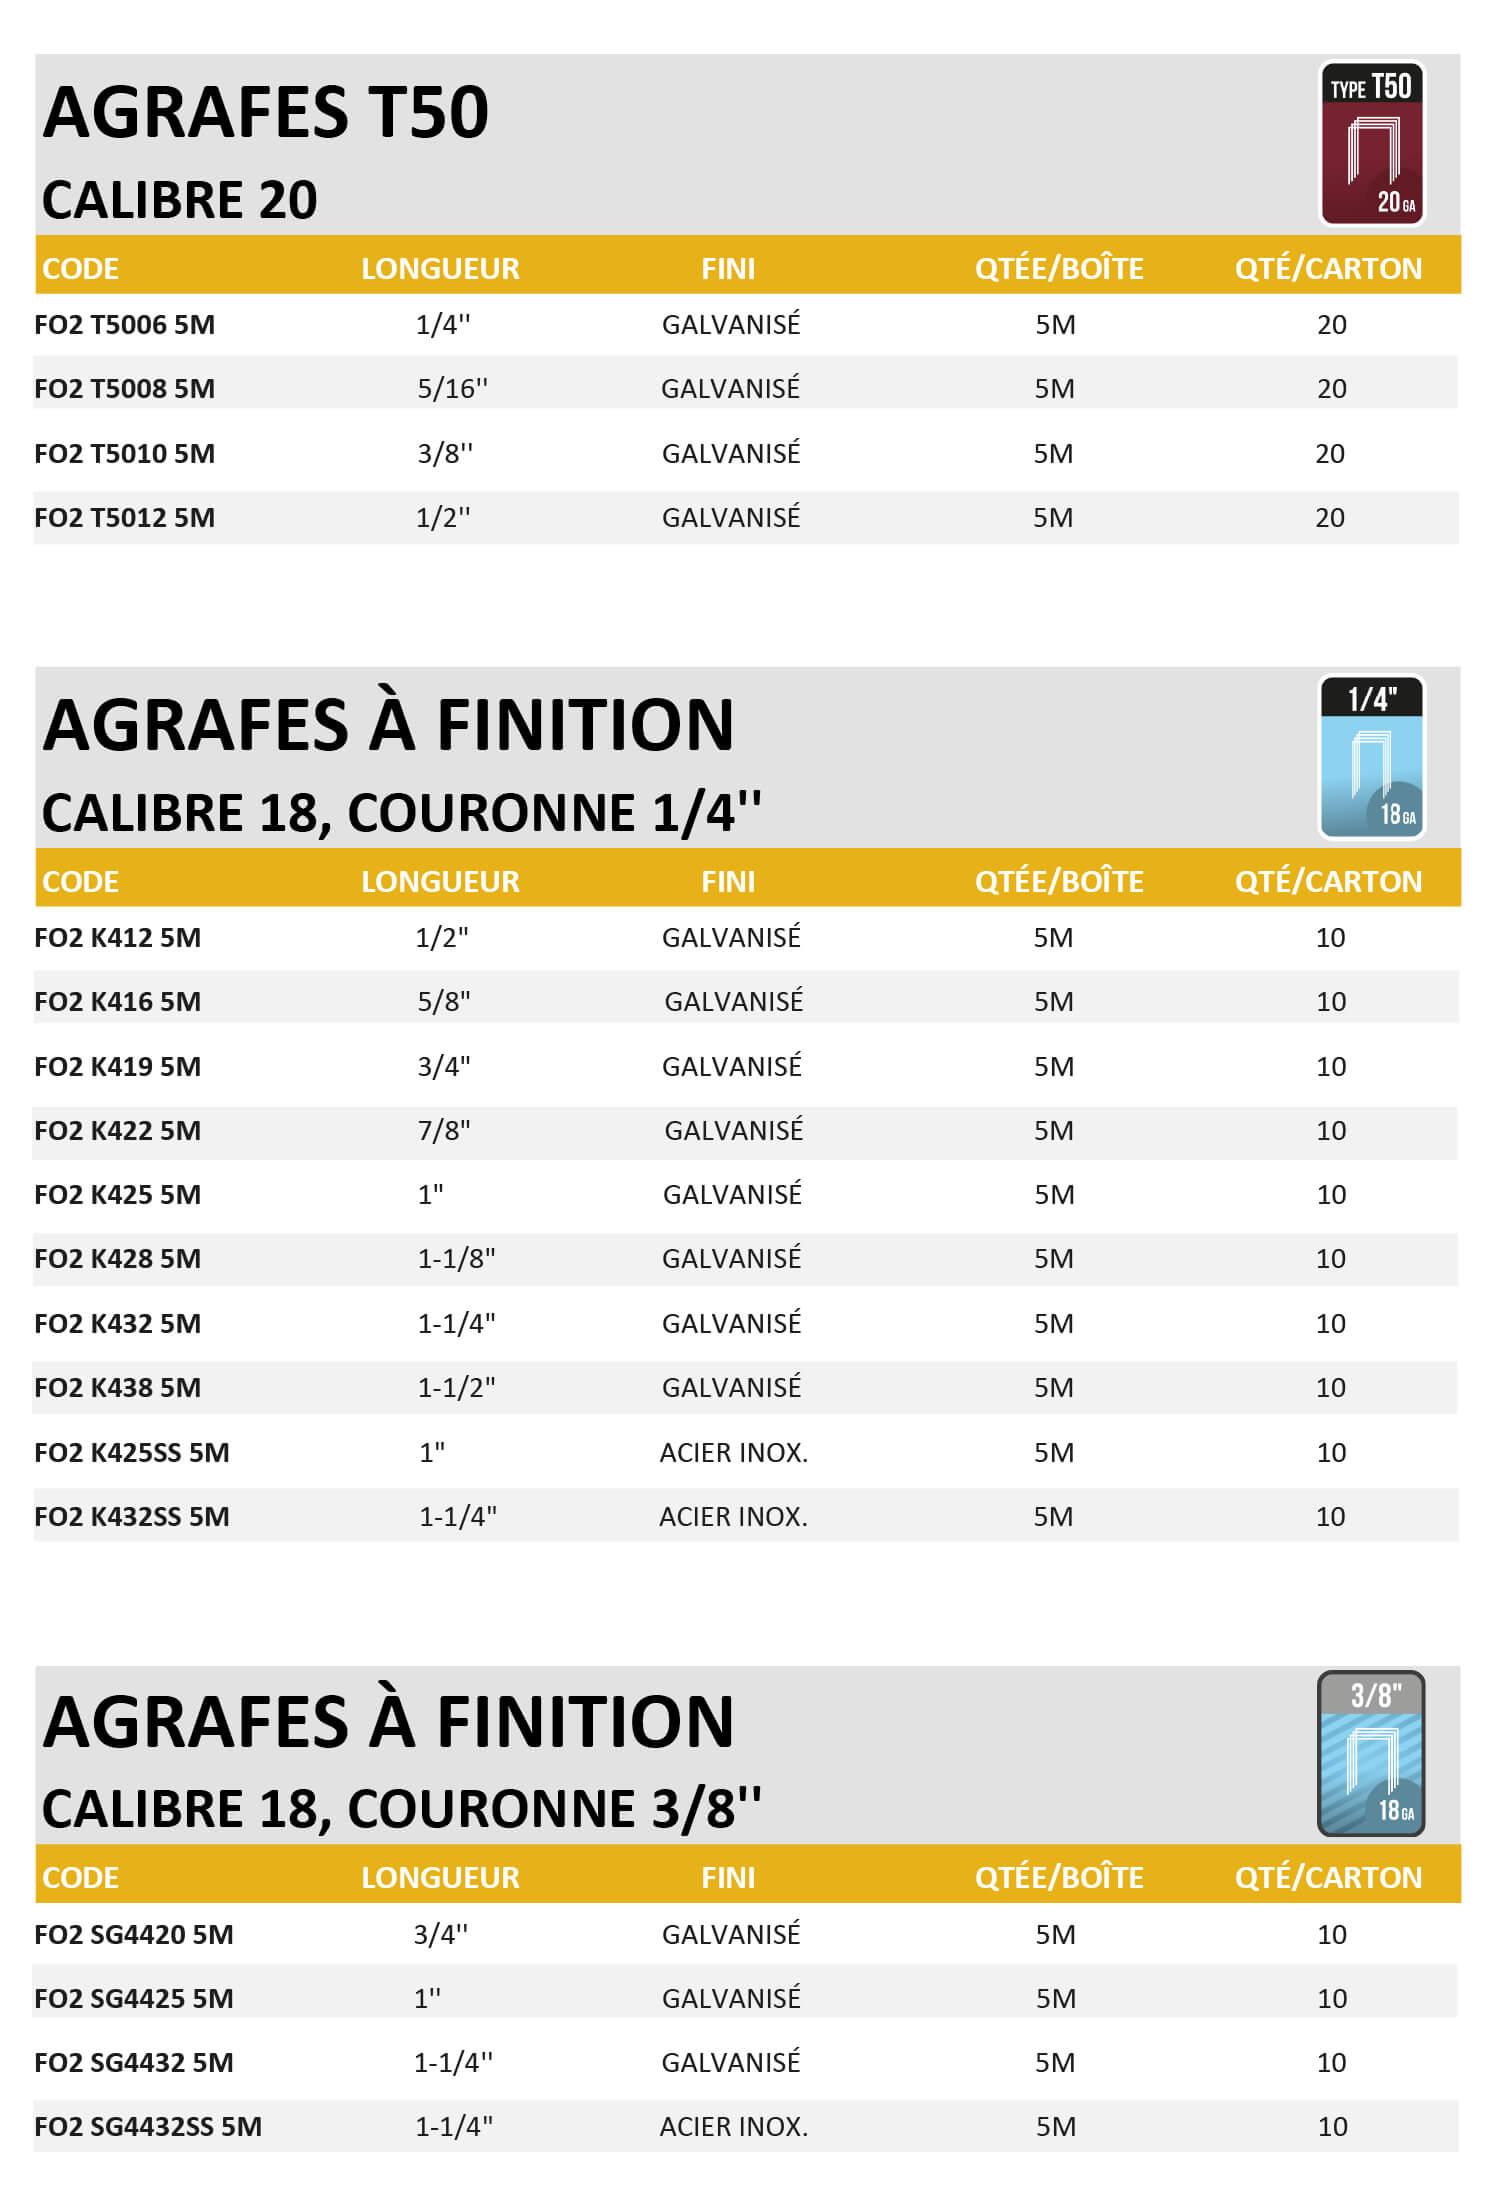 101-agrafes-tout-usage-foresto-bf